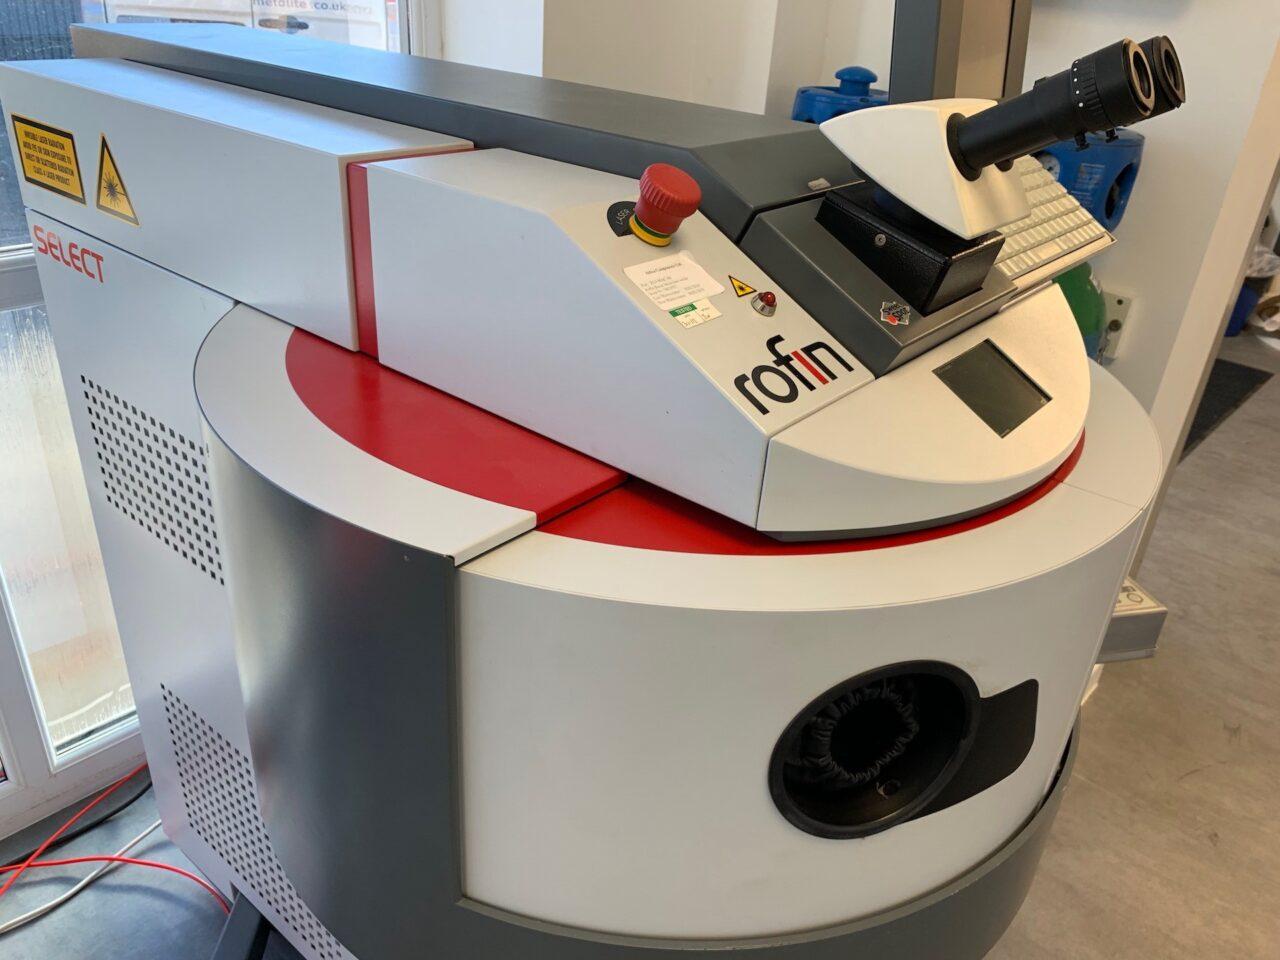 rofin-slect-laser-welder-1280x960.jpg